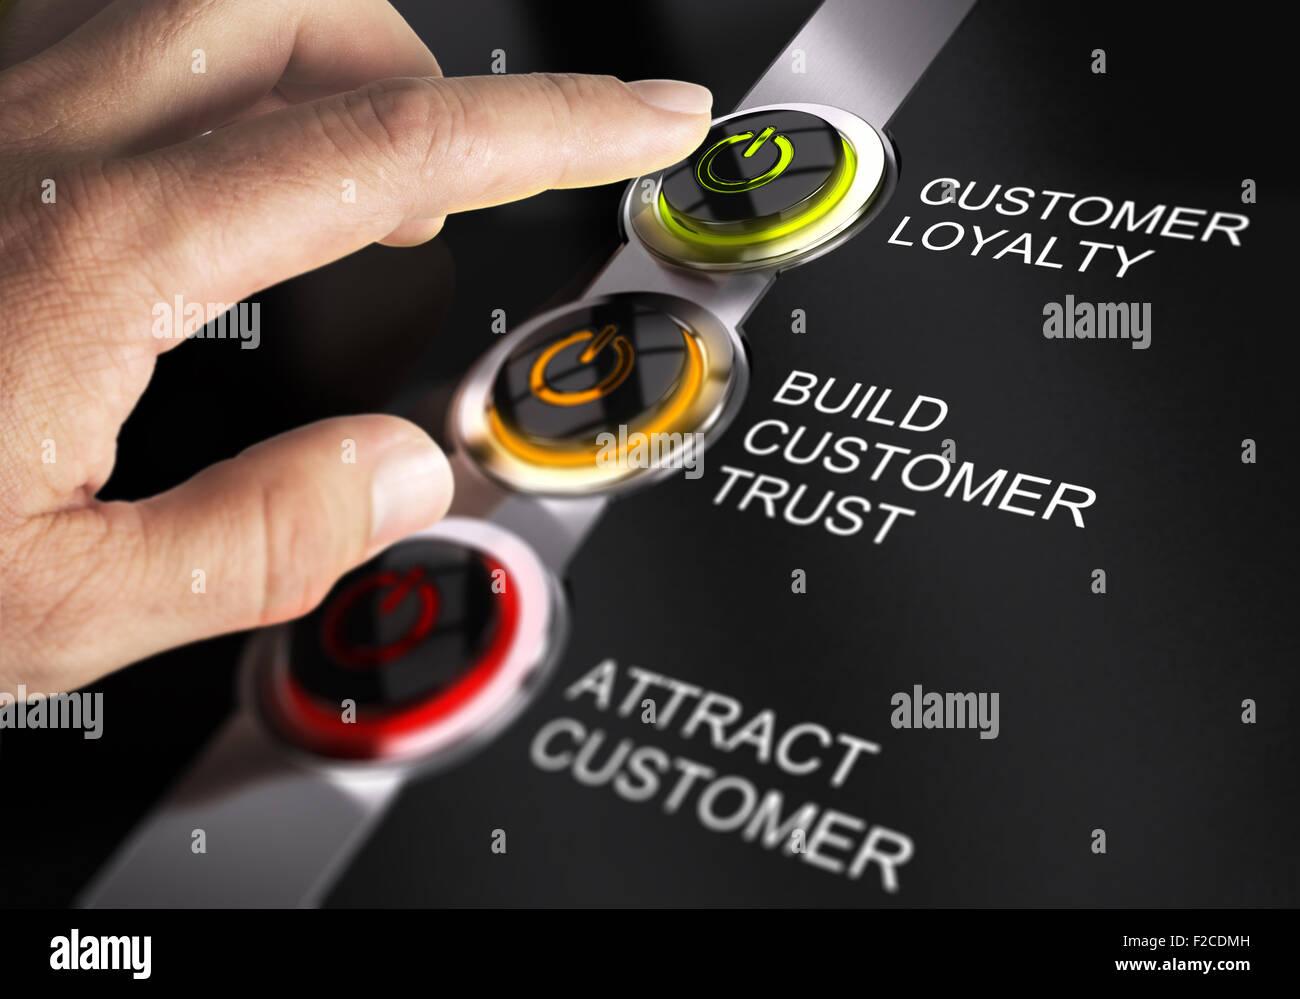 Finger dabei, Kunden-Loyalität-Taste drücken. Konzept zur Abbildung des Vertriebsprozesses. Stockfoto